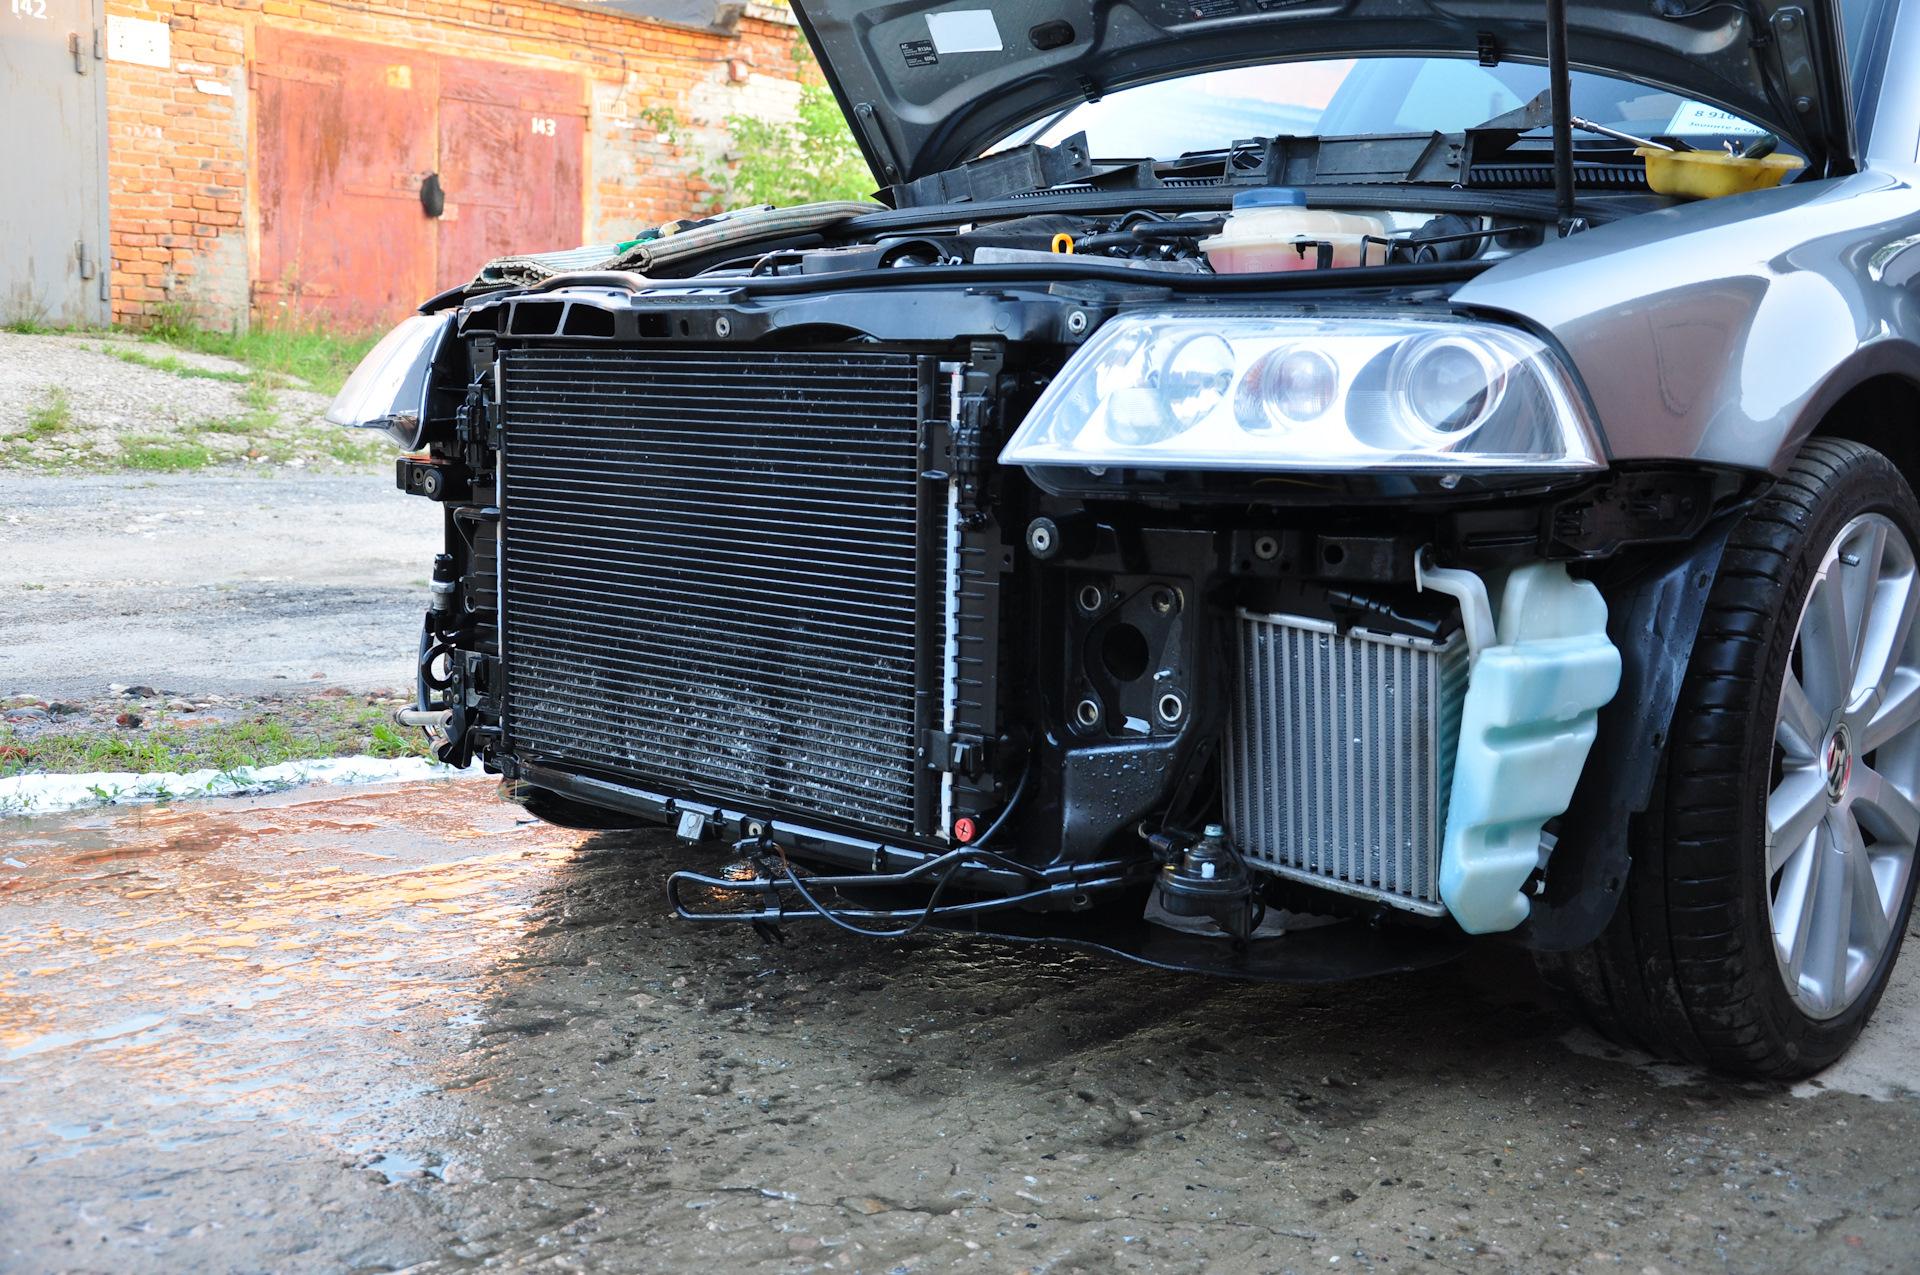 фотографии радиаторов автомобиля был уверен, что